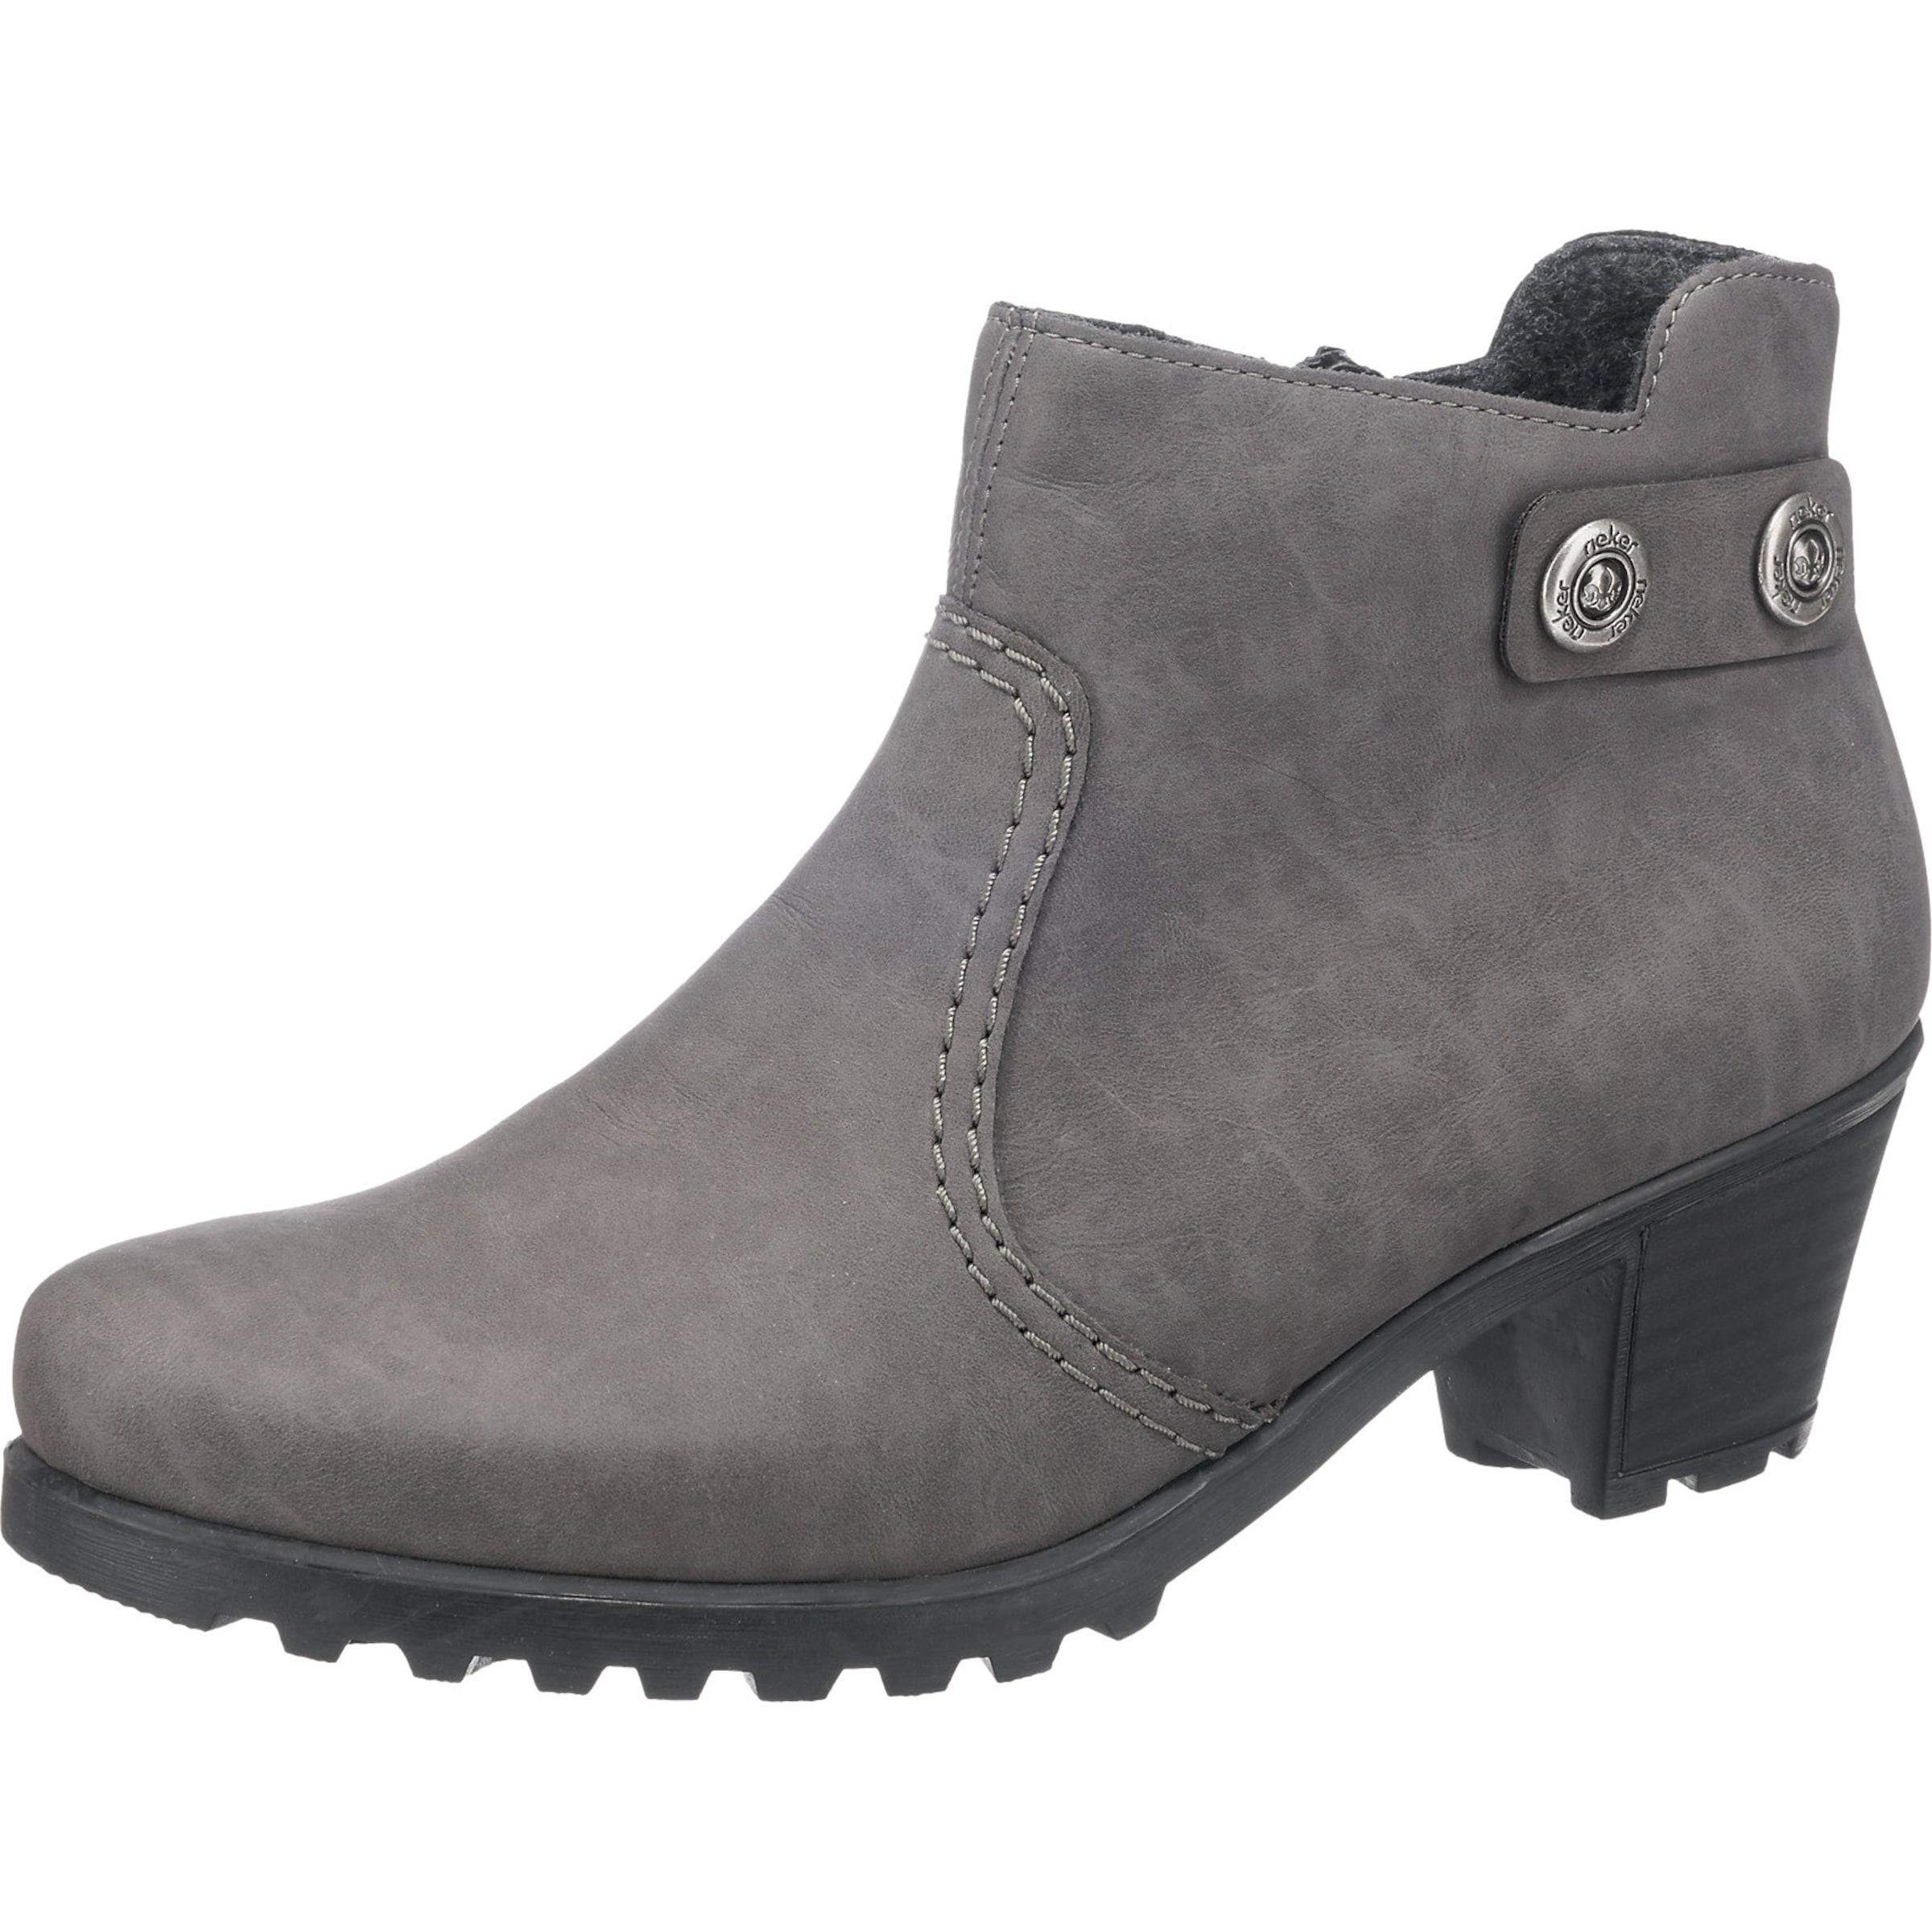 RIEKER Ankle-Boots Verschleißfeste billige Schuhe Hohe Qualität